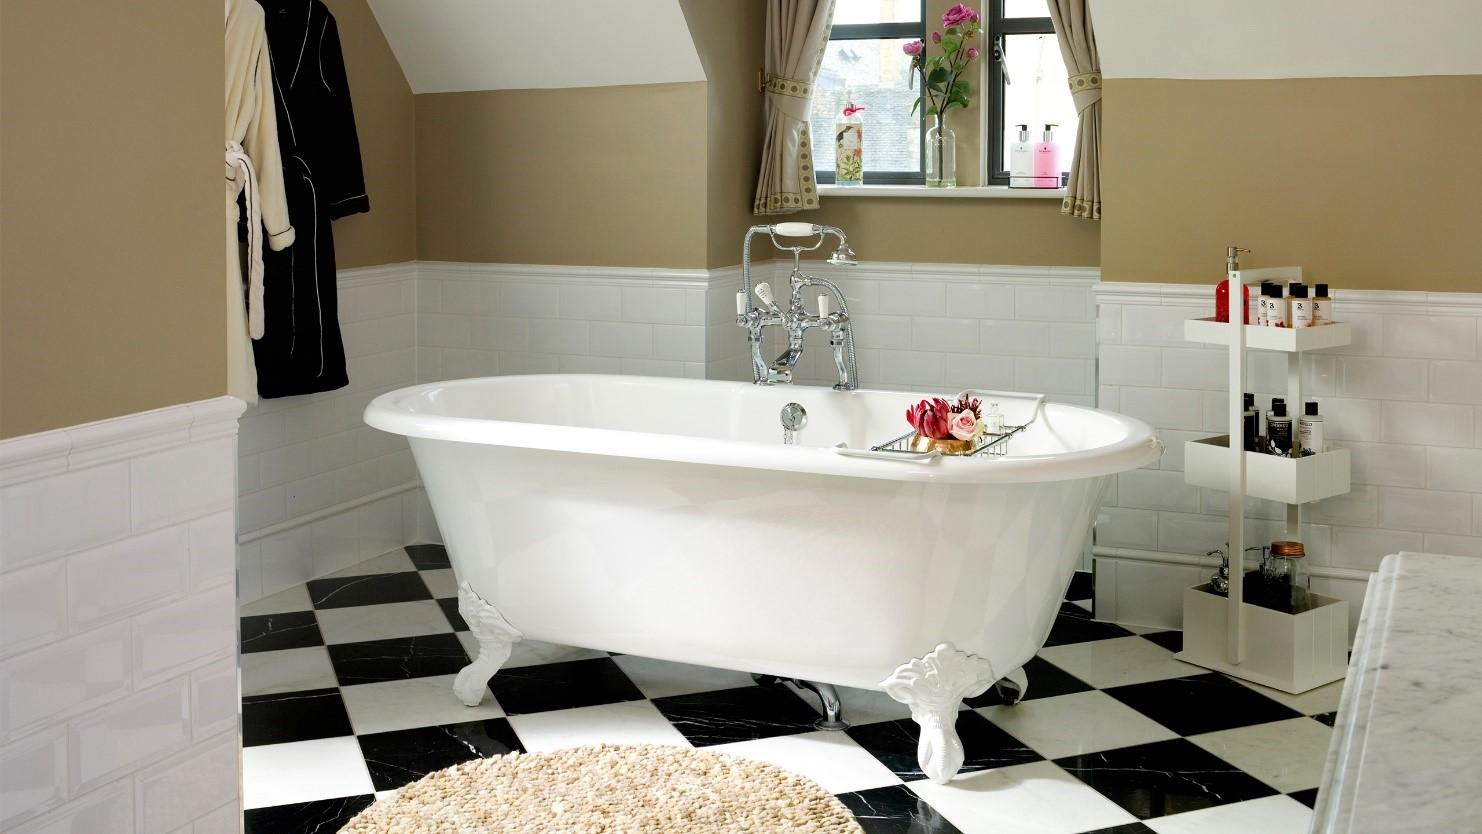 Установка ванны на кафельный пол: разновидности опорных ножек и сборных каркасов